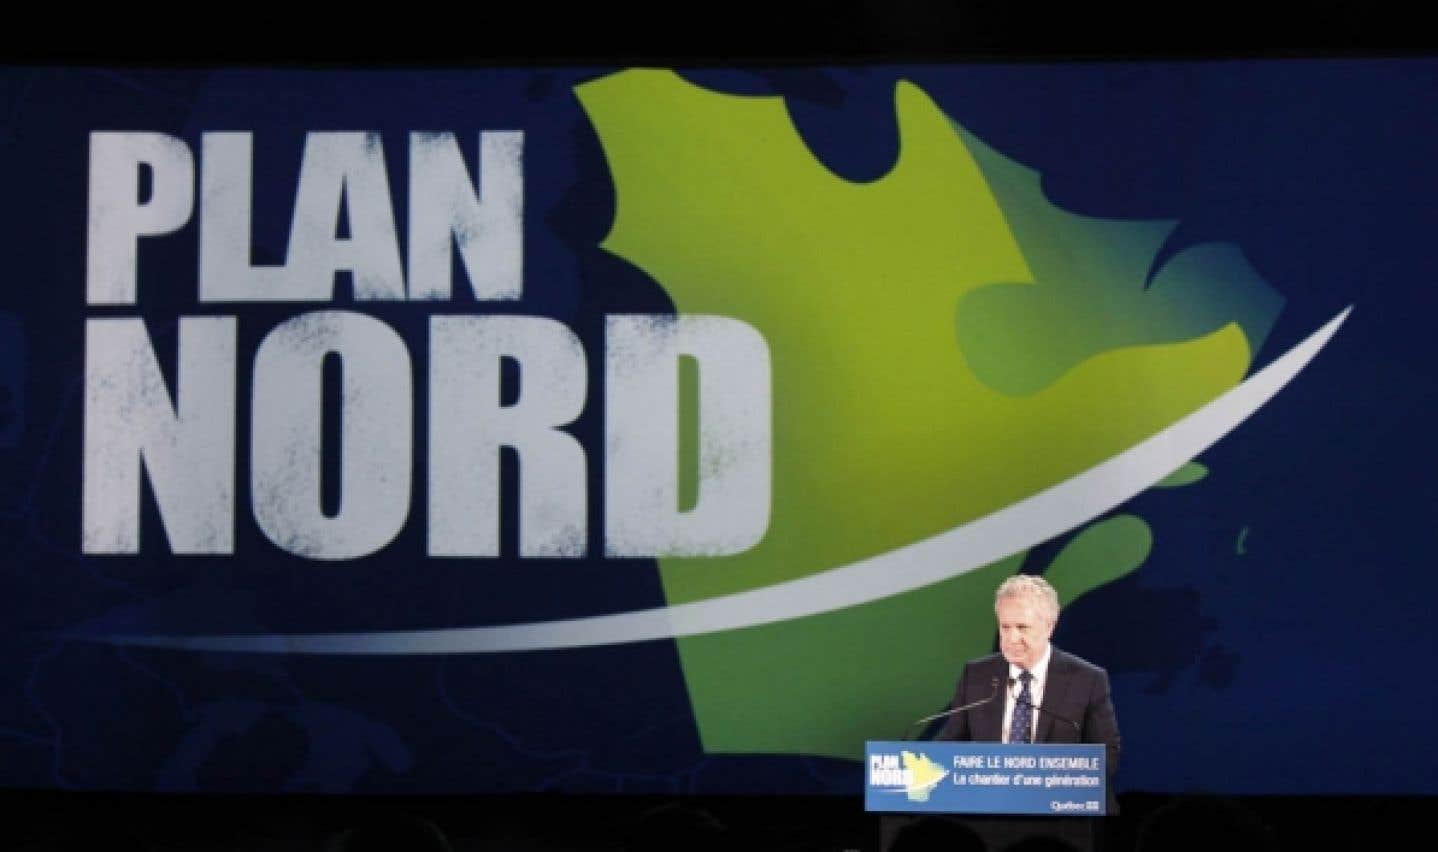 Analyse de l'IRIS - Le Plan Nord ne serait pas rentable pour Québec